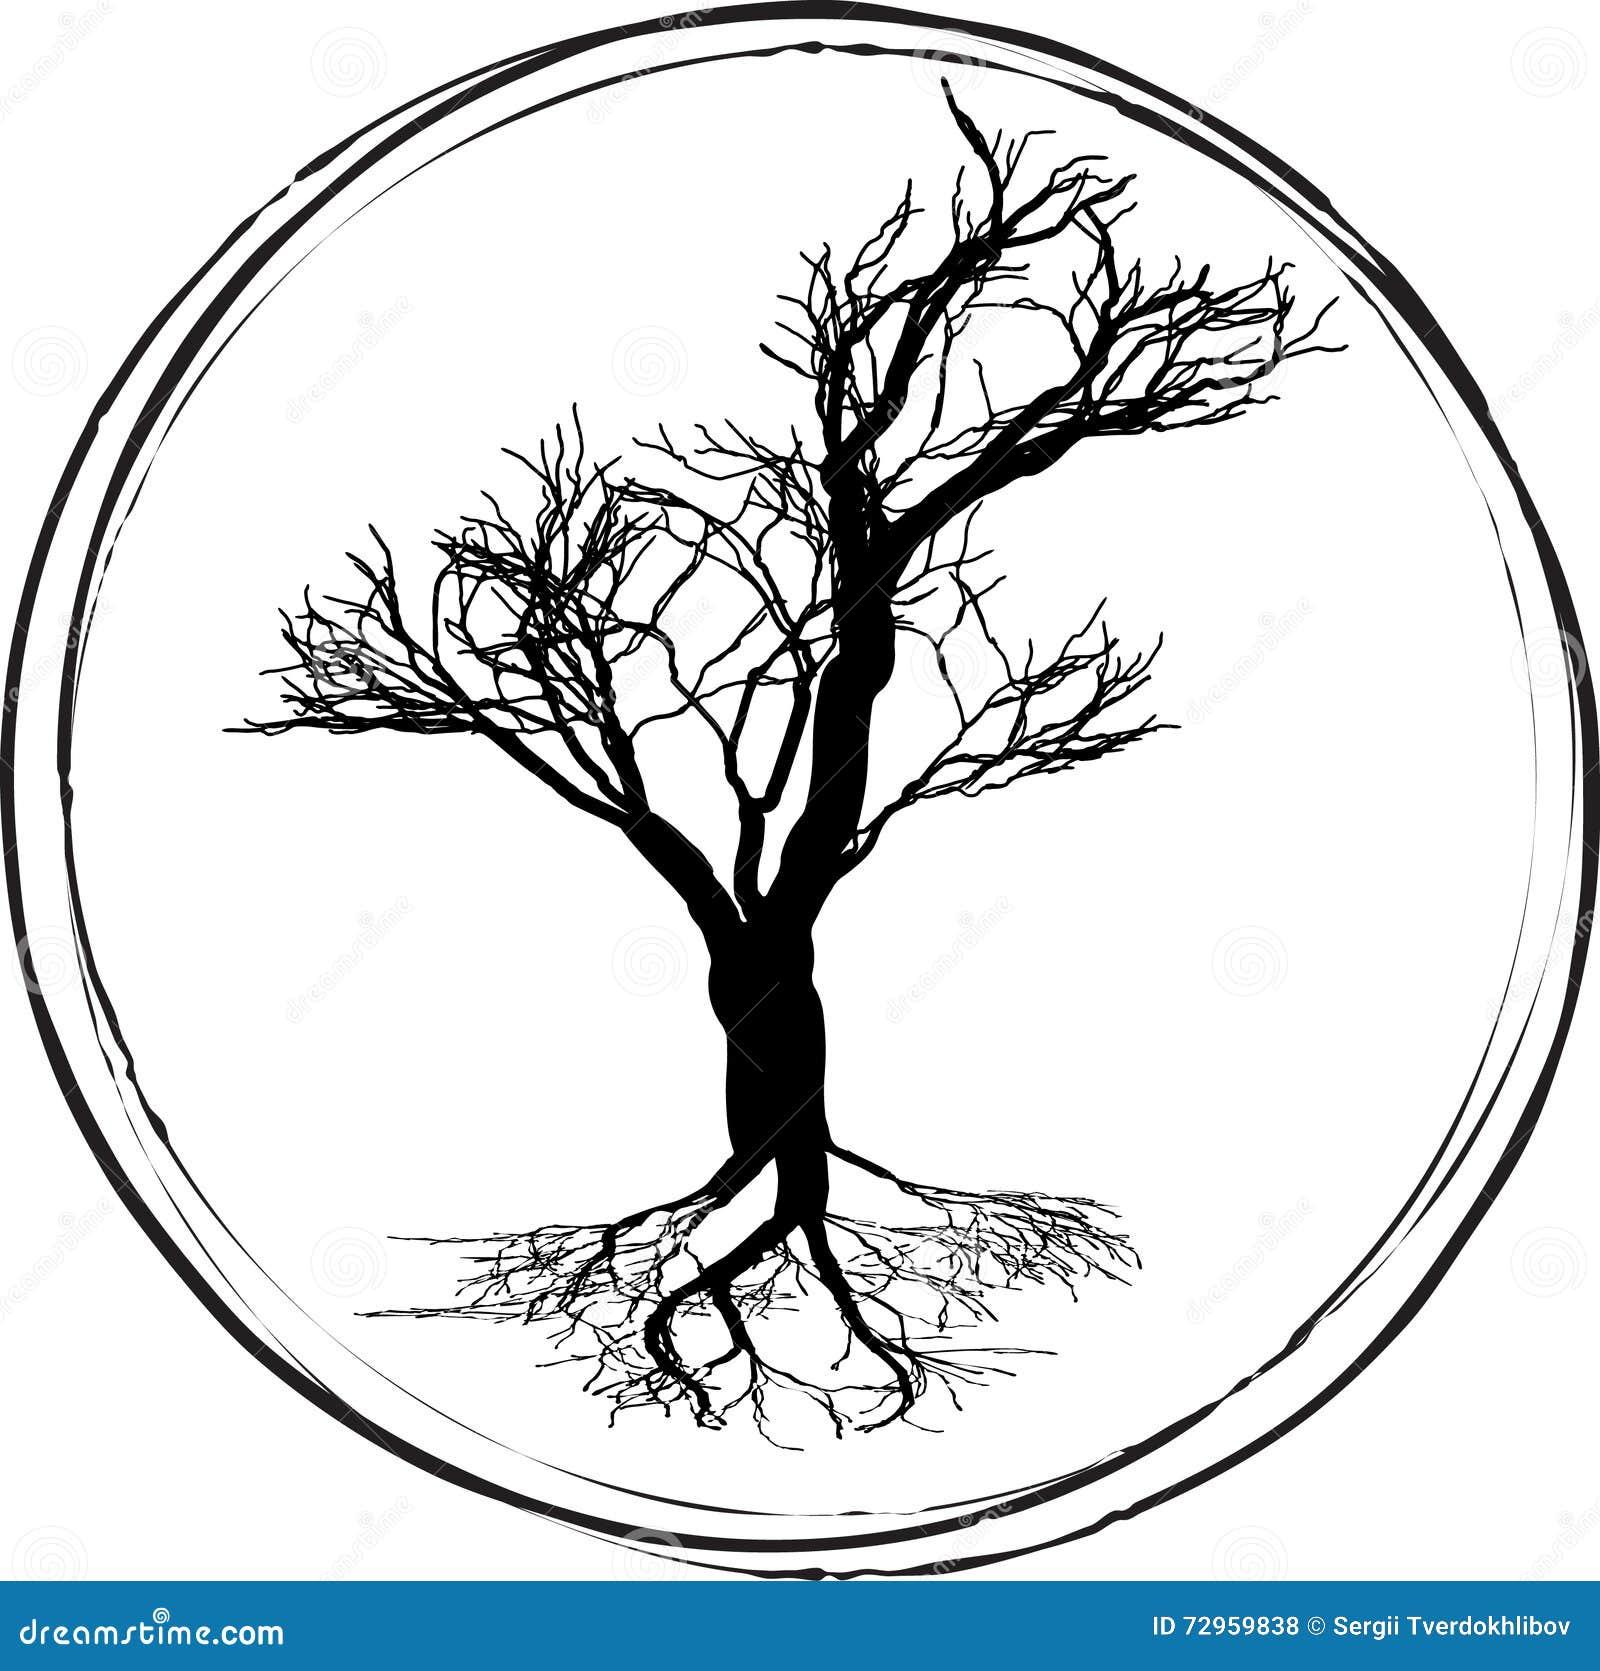 Dessin noir et blanc d 39 arbre feuilles caduques - Dessin noir et blanc ...